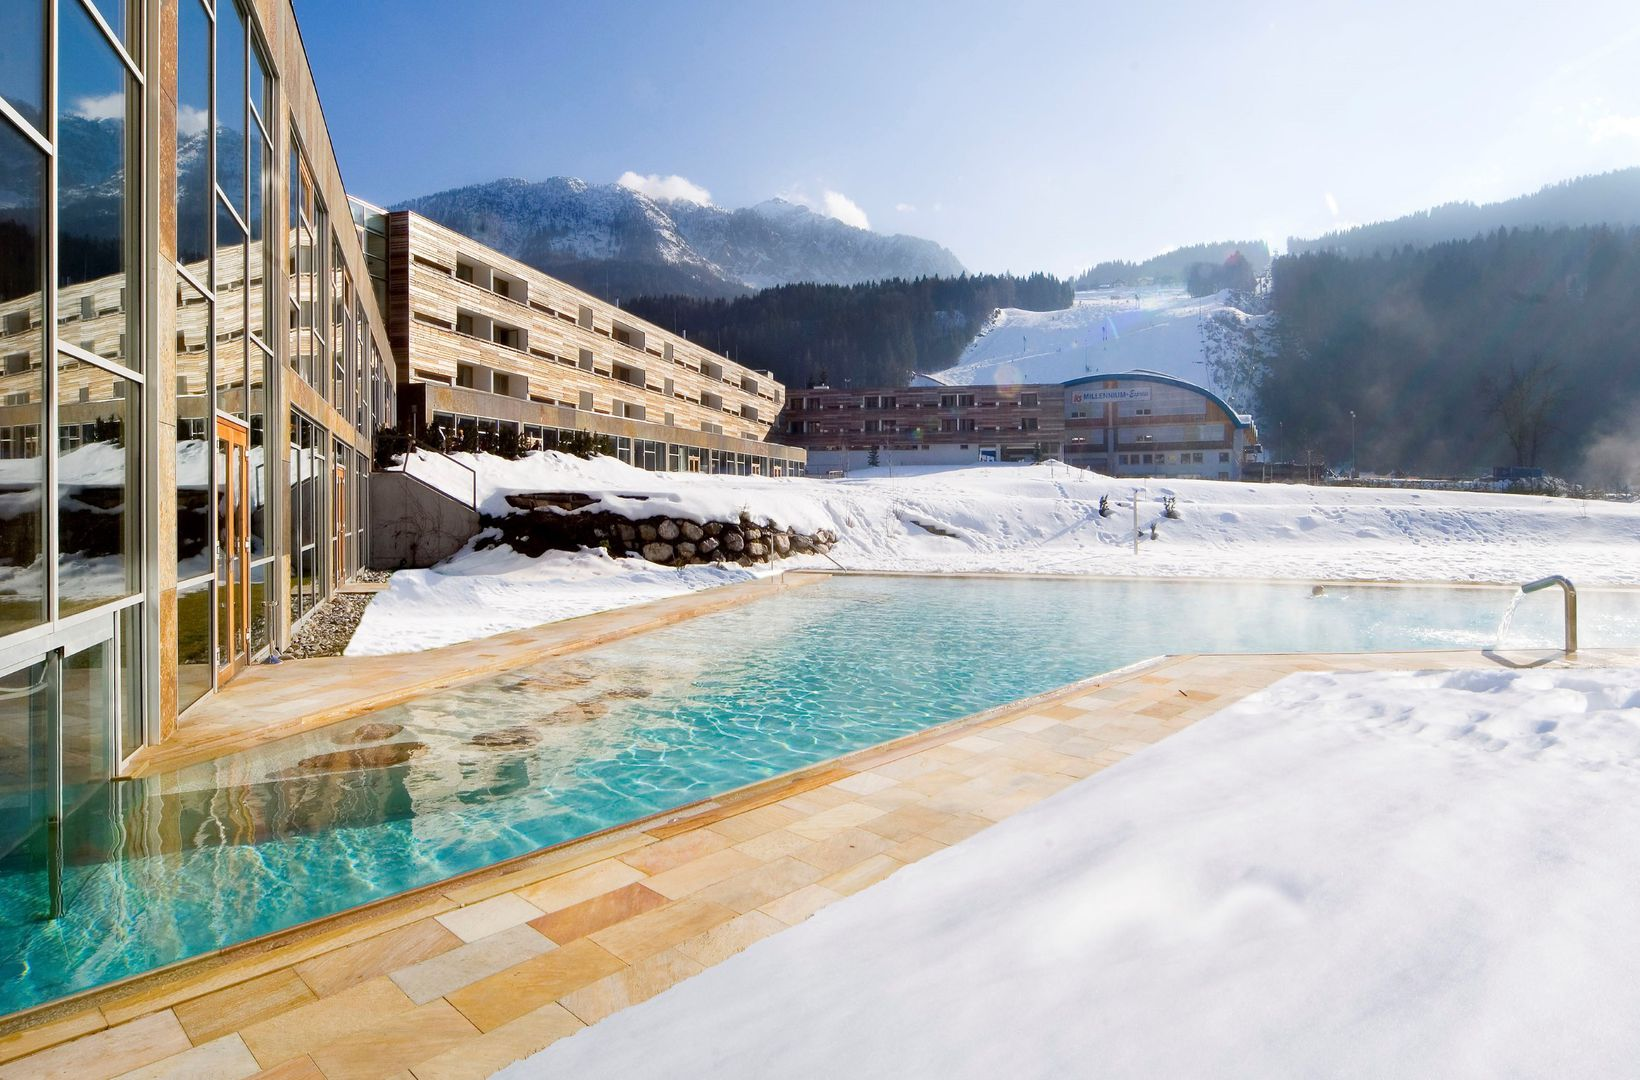 Meer info over Falkensteiner Hotel & Spa Carinzia  bij Wintertrex